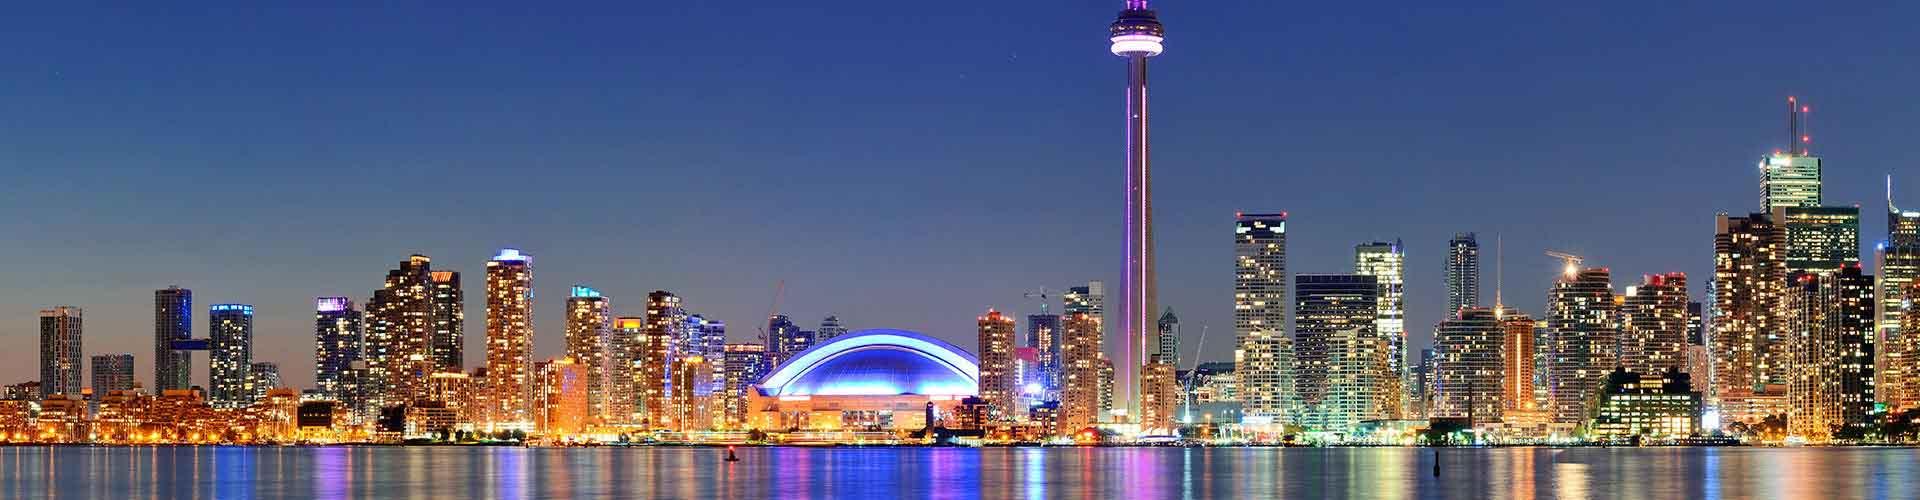 Toronto - Albergues en Toronto. Mapas de Toronto, Fotos y Comentarios para cada Albergue en Toronto.